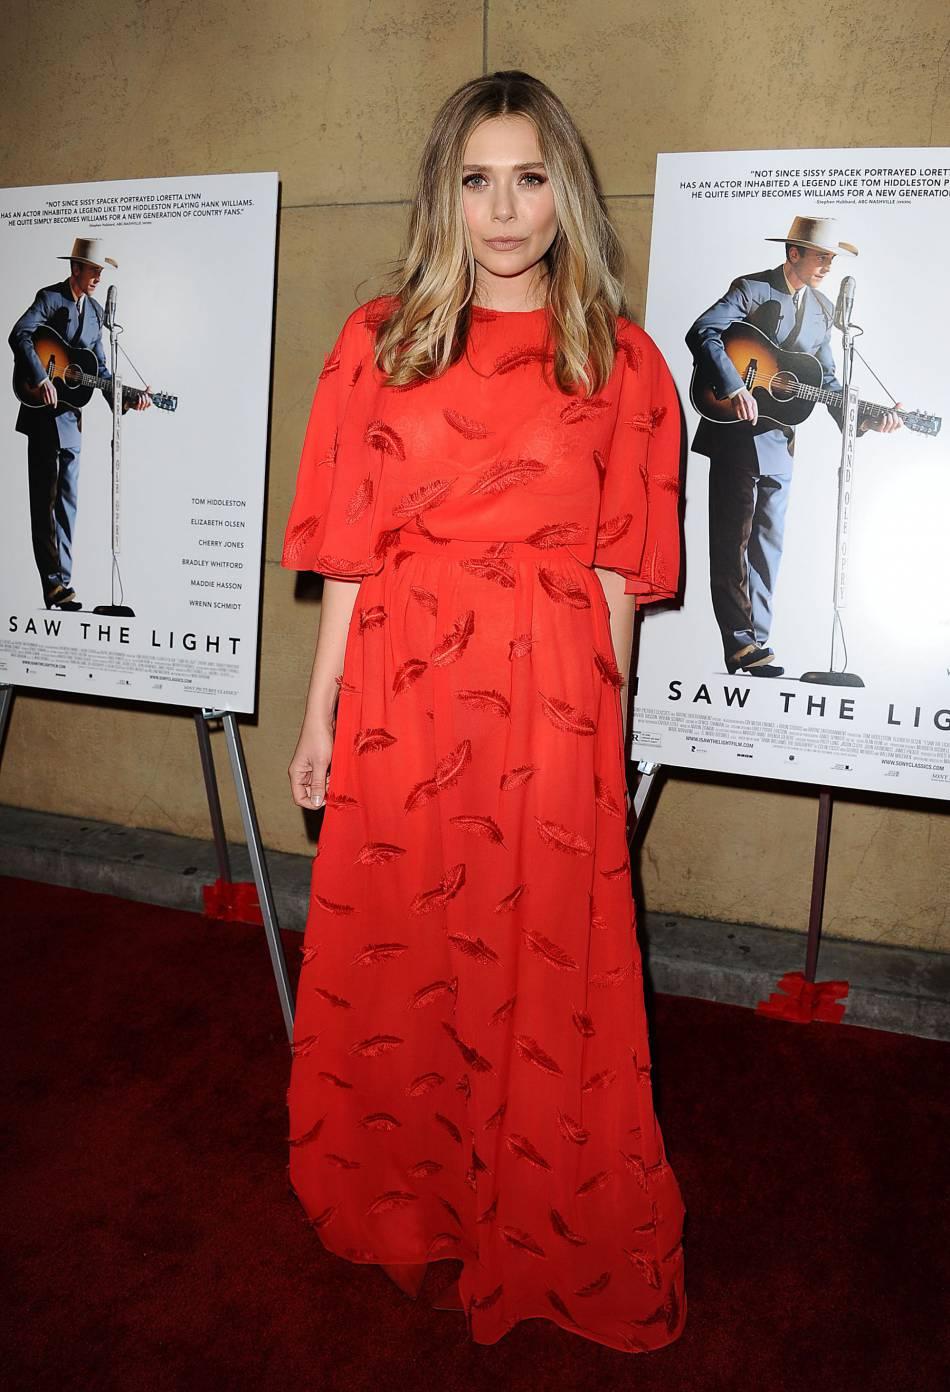 Cette robe Emilio Pucci met parfaitement Elizabeth Olsen en valeur. Très lumineux !